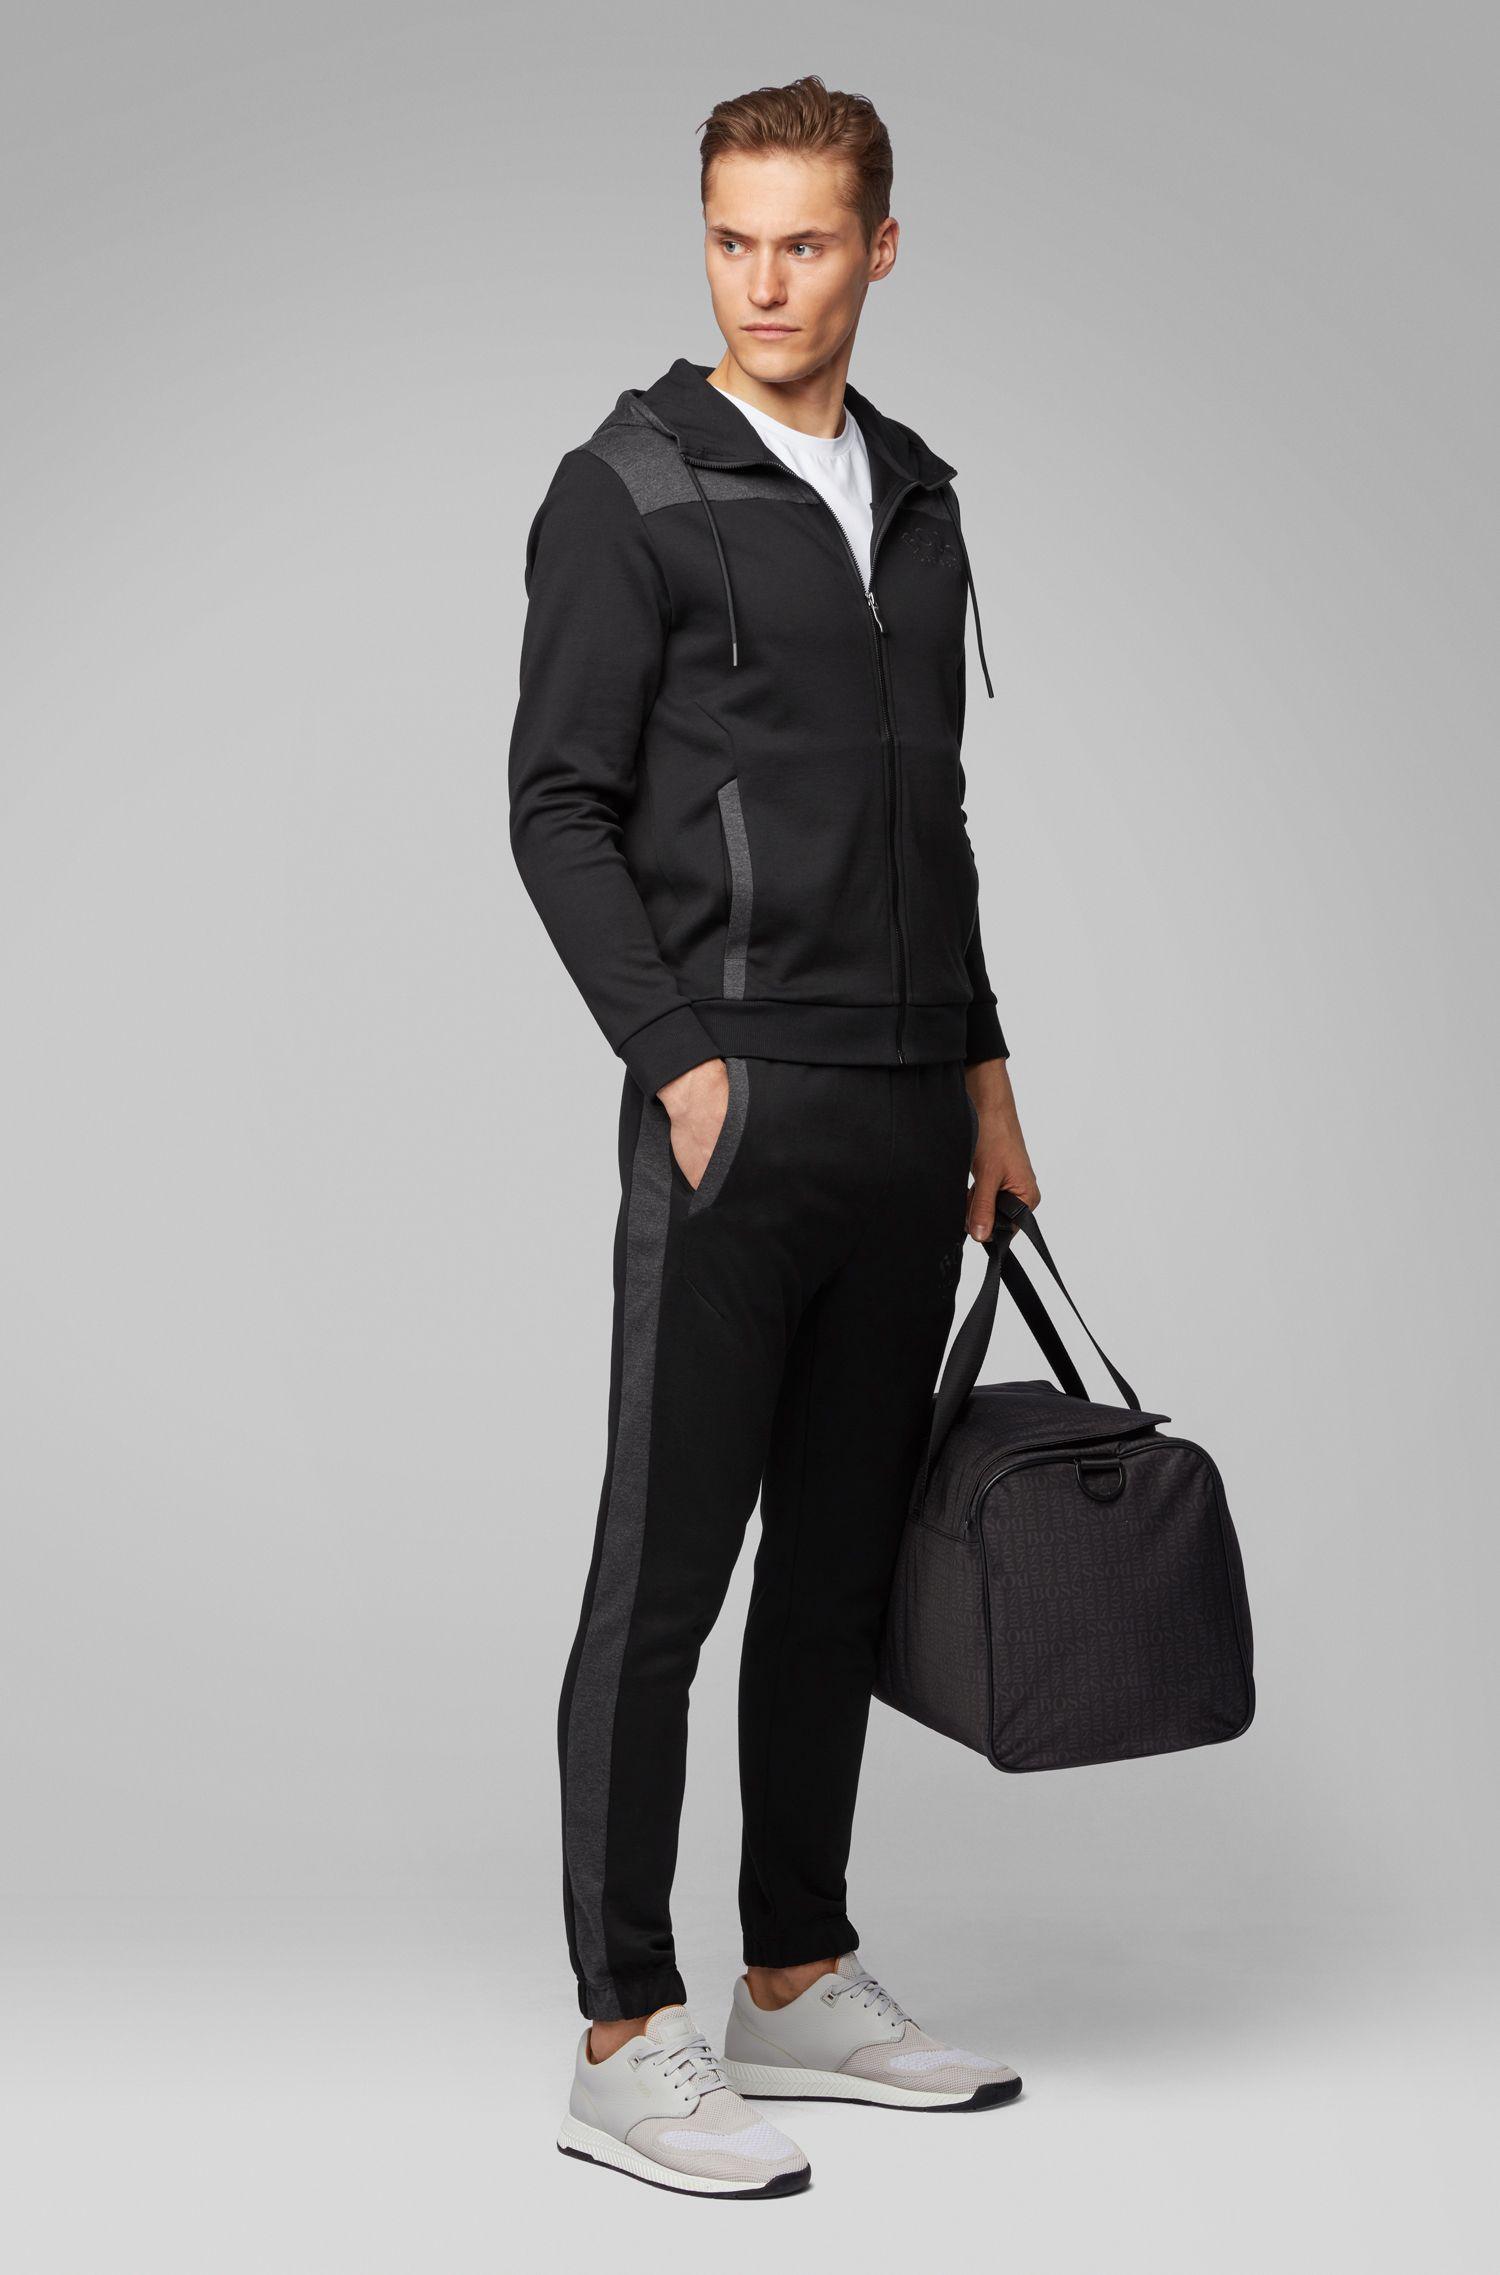 Sudadera con capucha, cremallera integral y logo curvado, Negro